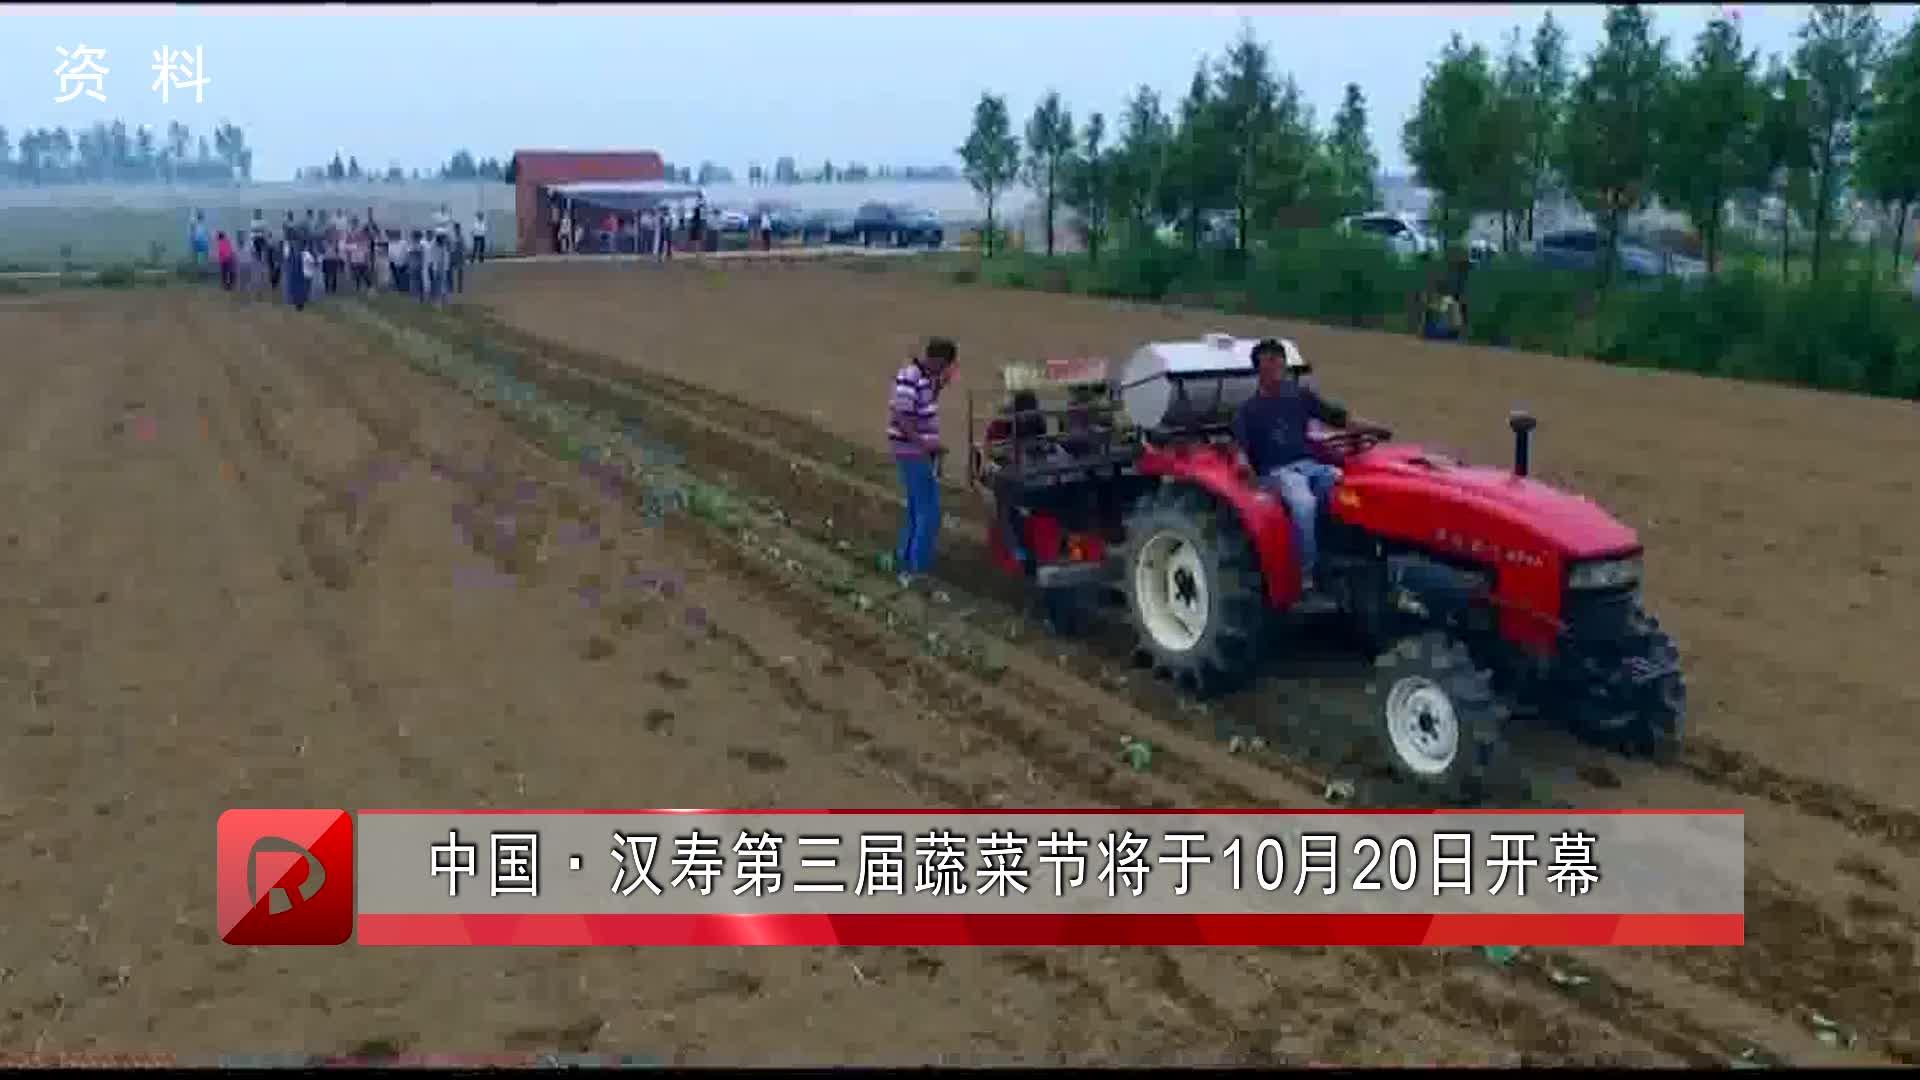 中国·汉寿第三届蔬菜节将于10月20日开幕